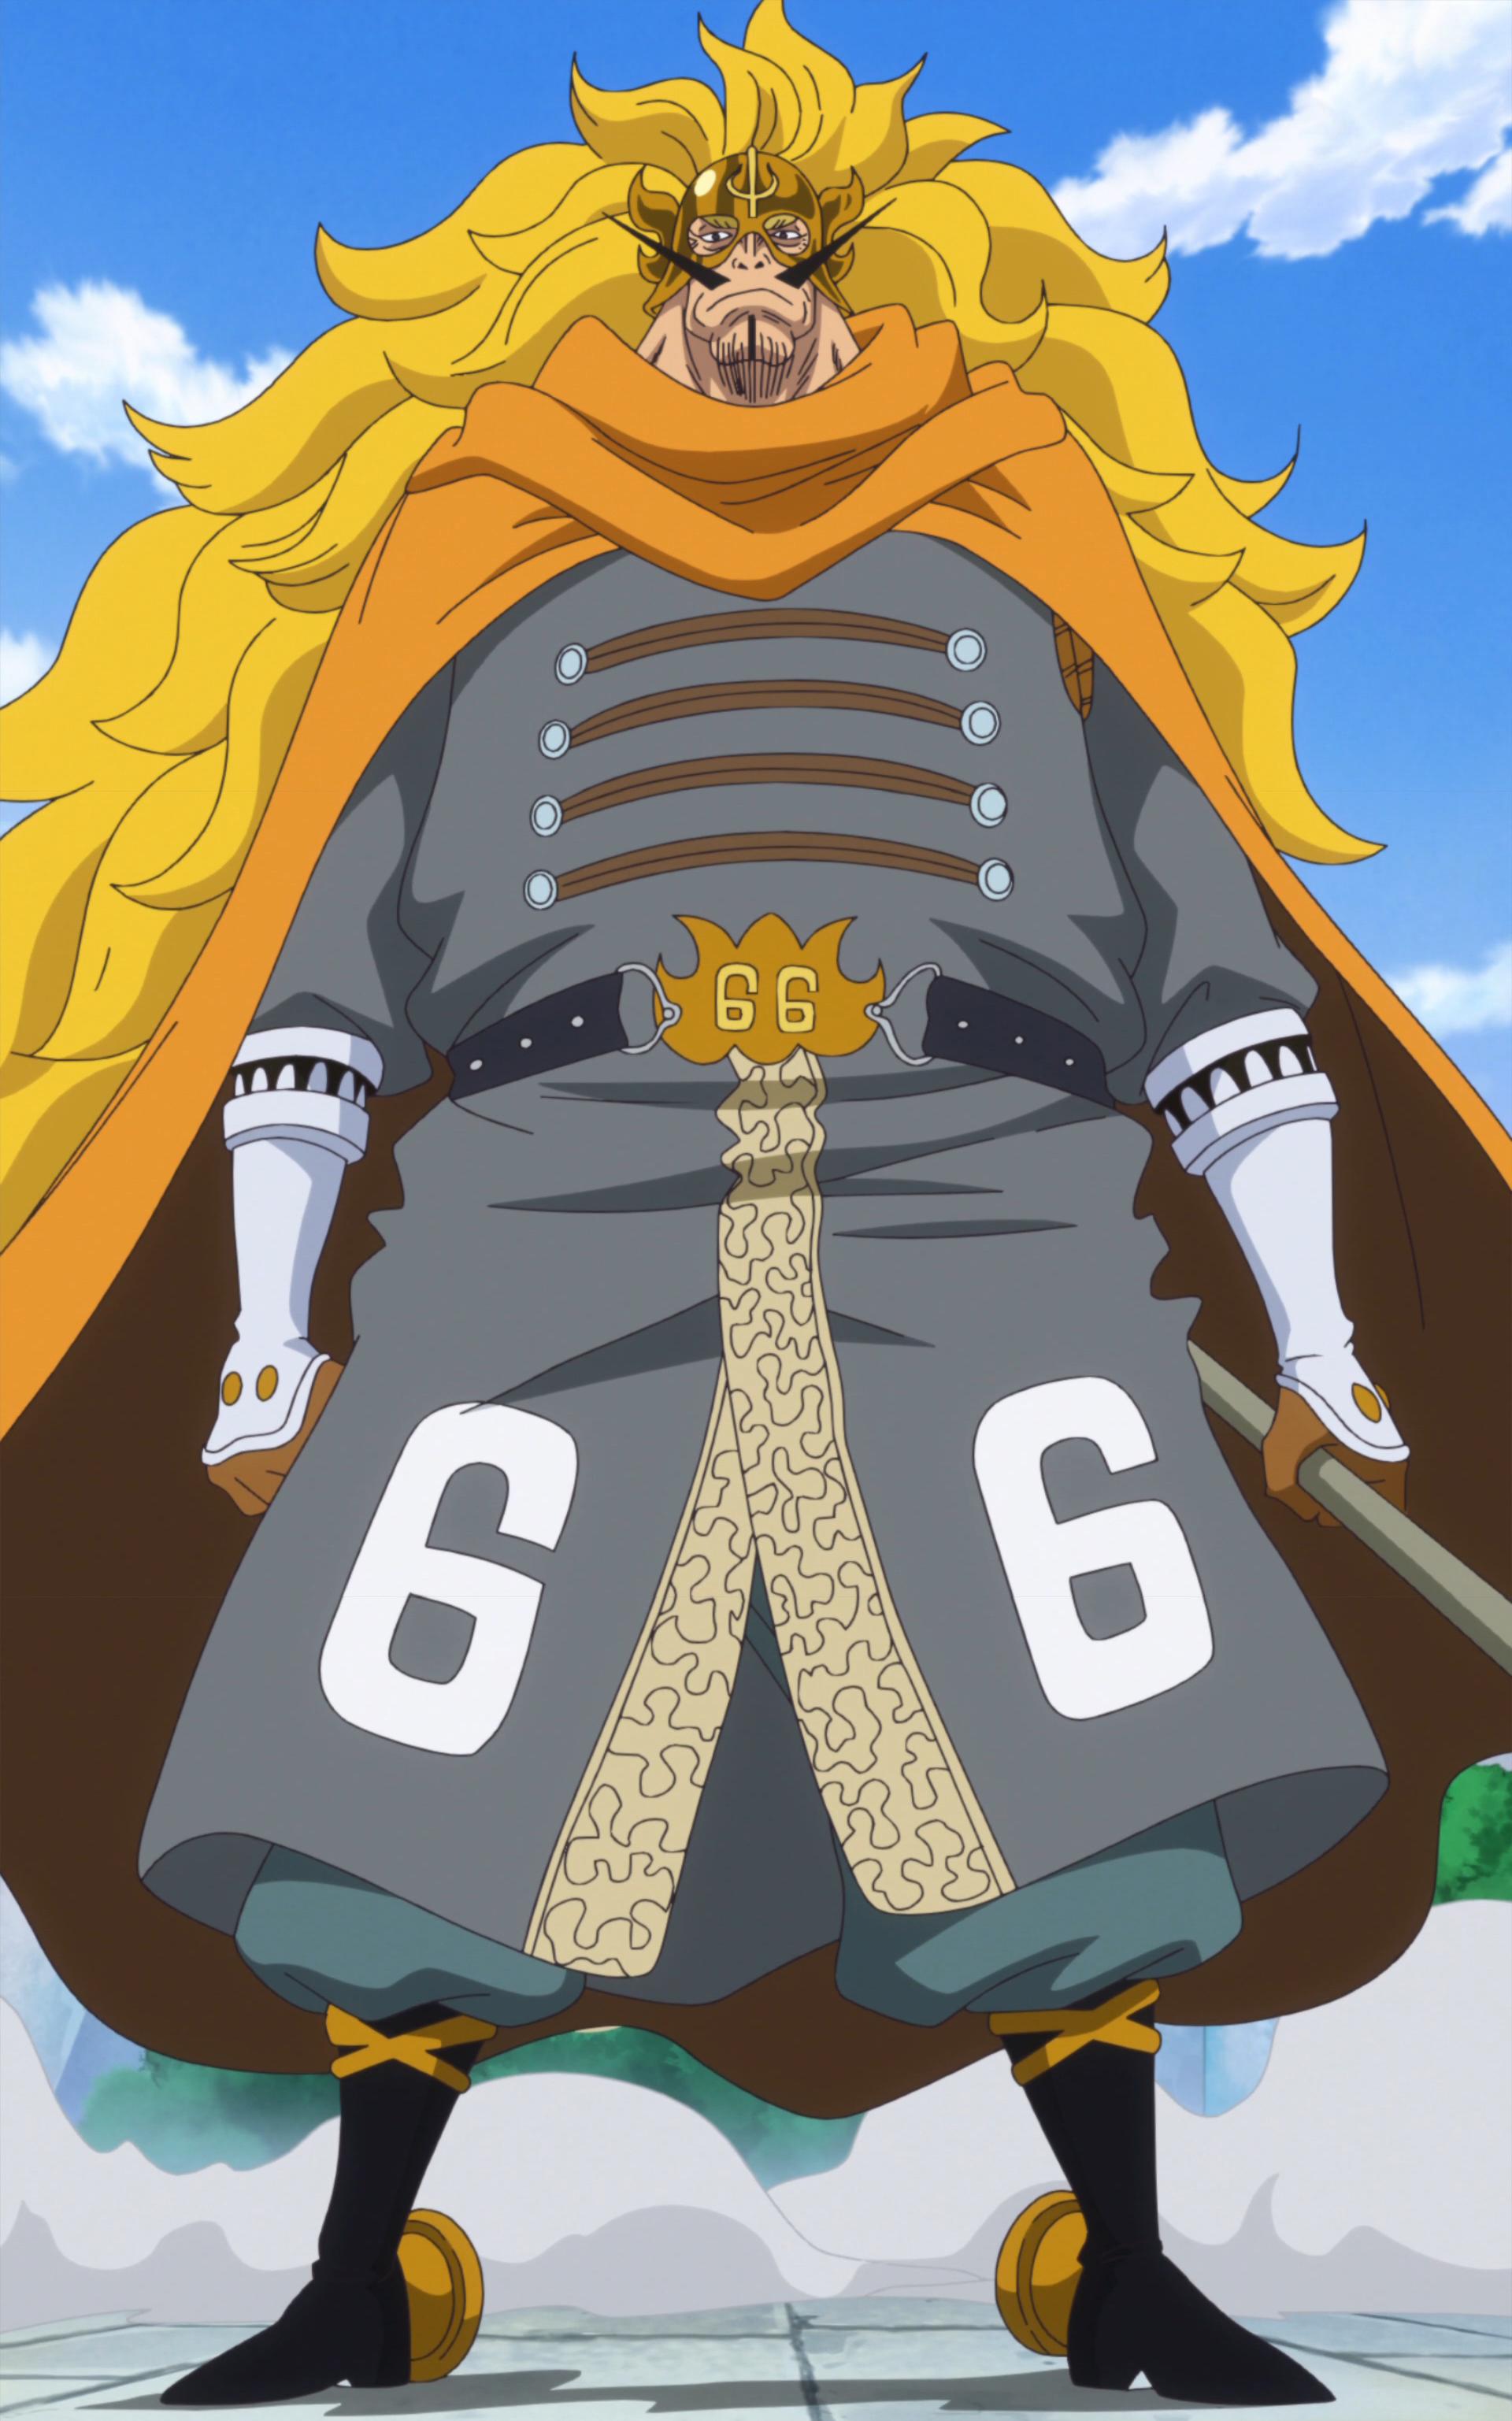 Vinsmoke Judge | One Piece Wiki | FANDOM powered by Wikia